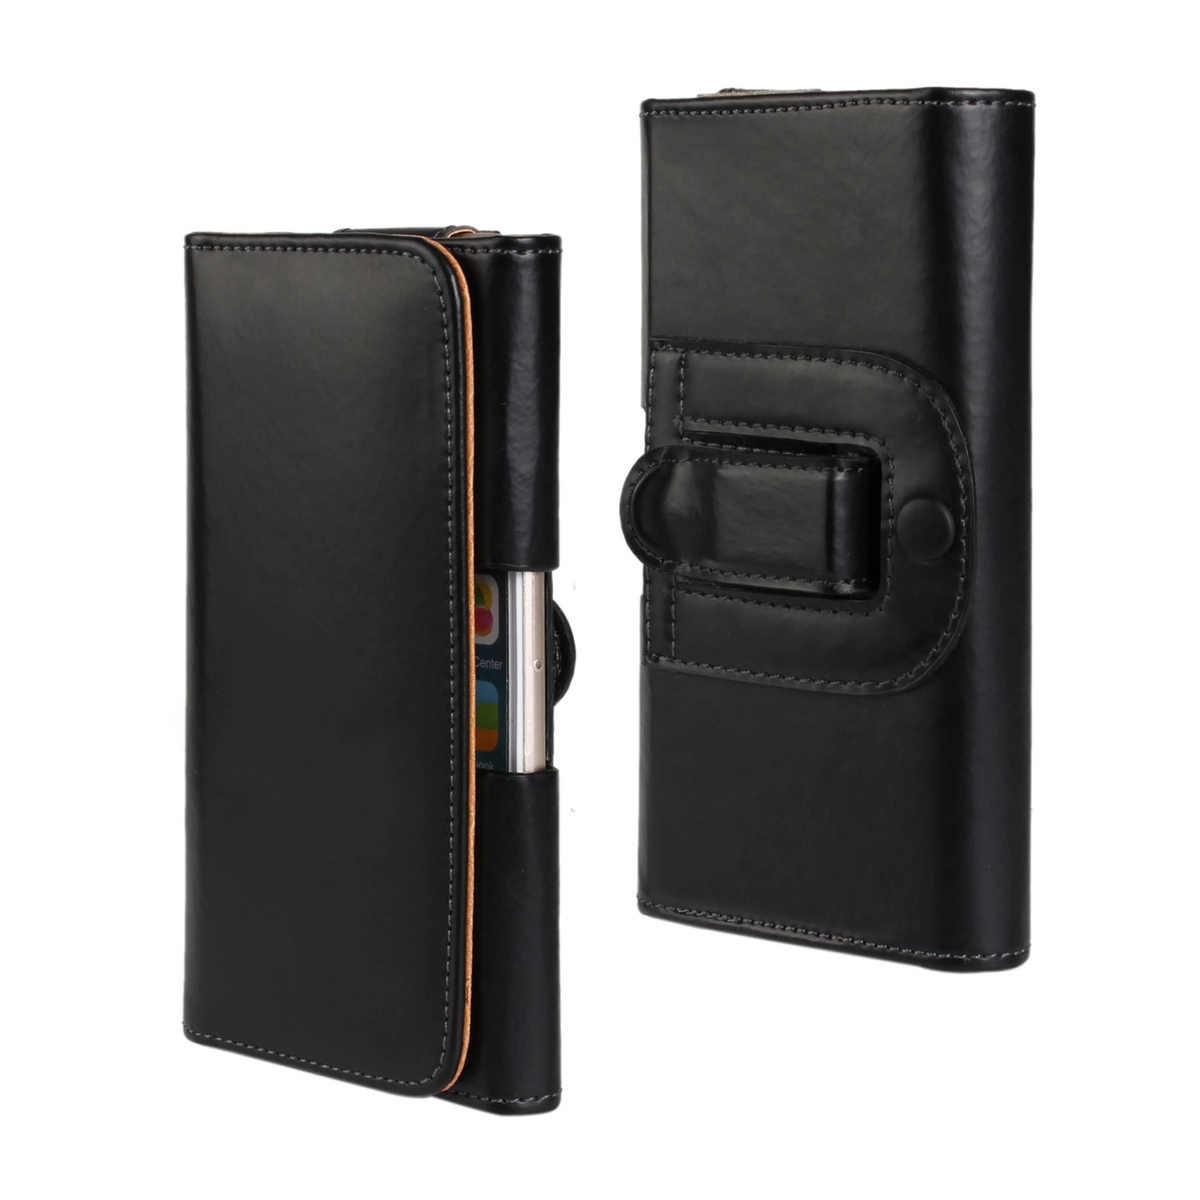 الهاتف حالة مع حزام كليب أفقي الحافظة حقيبة الخصر الحقيبة العمودي جلدية غطاء كوكه ل نيكزس 5x أومي روما X infocus M560